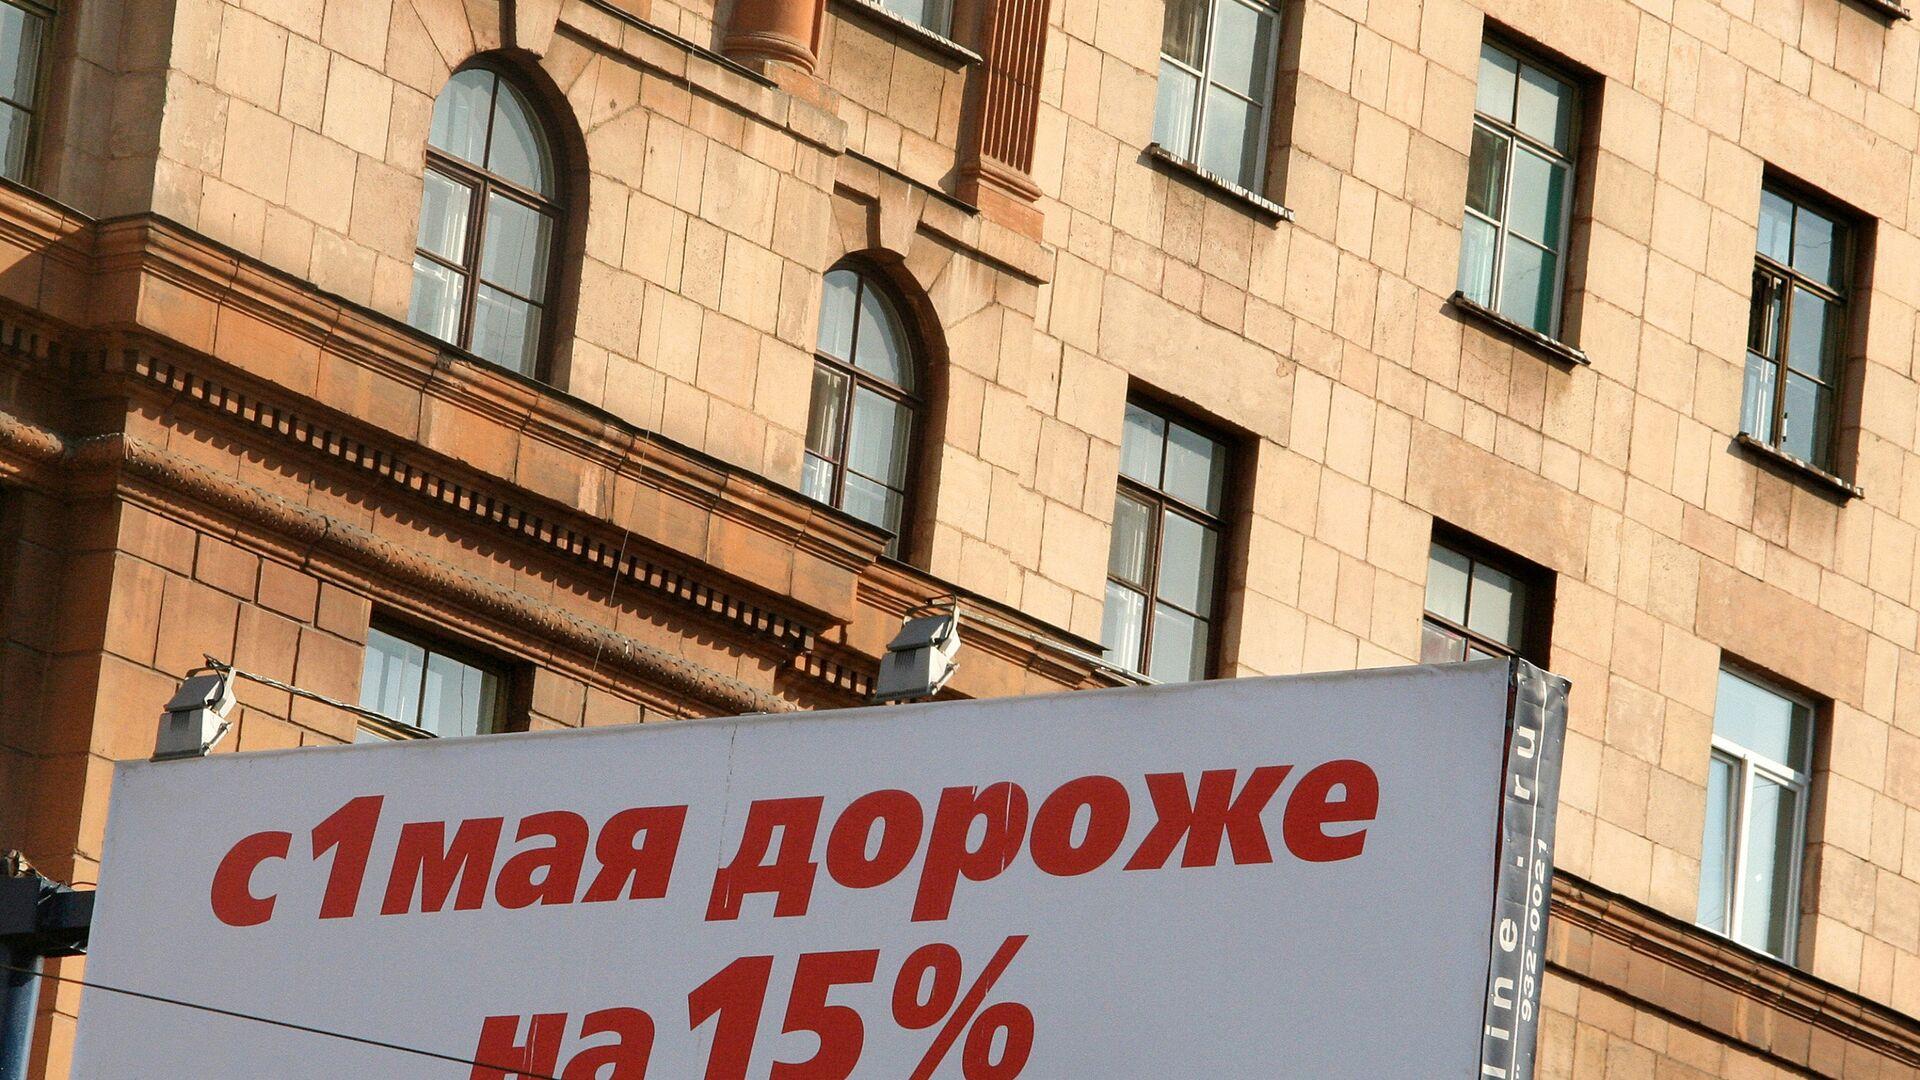 Цены на жилье в Москве - РИА Новости, 1920, 08.02.2021